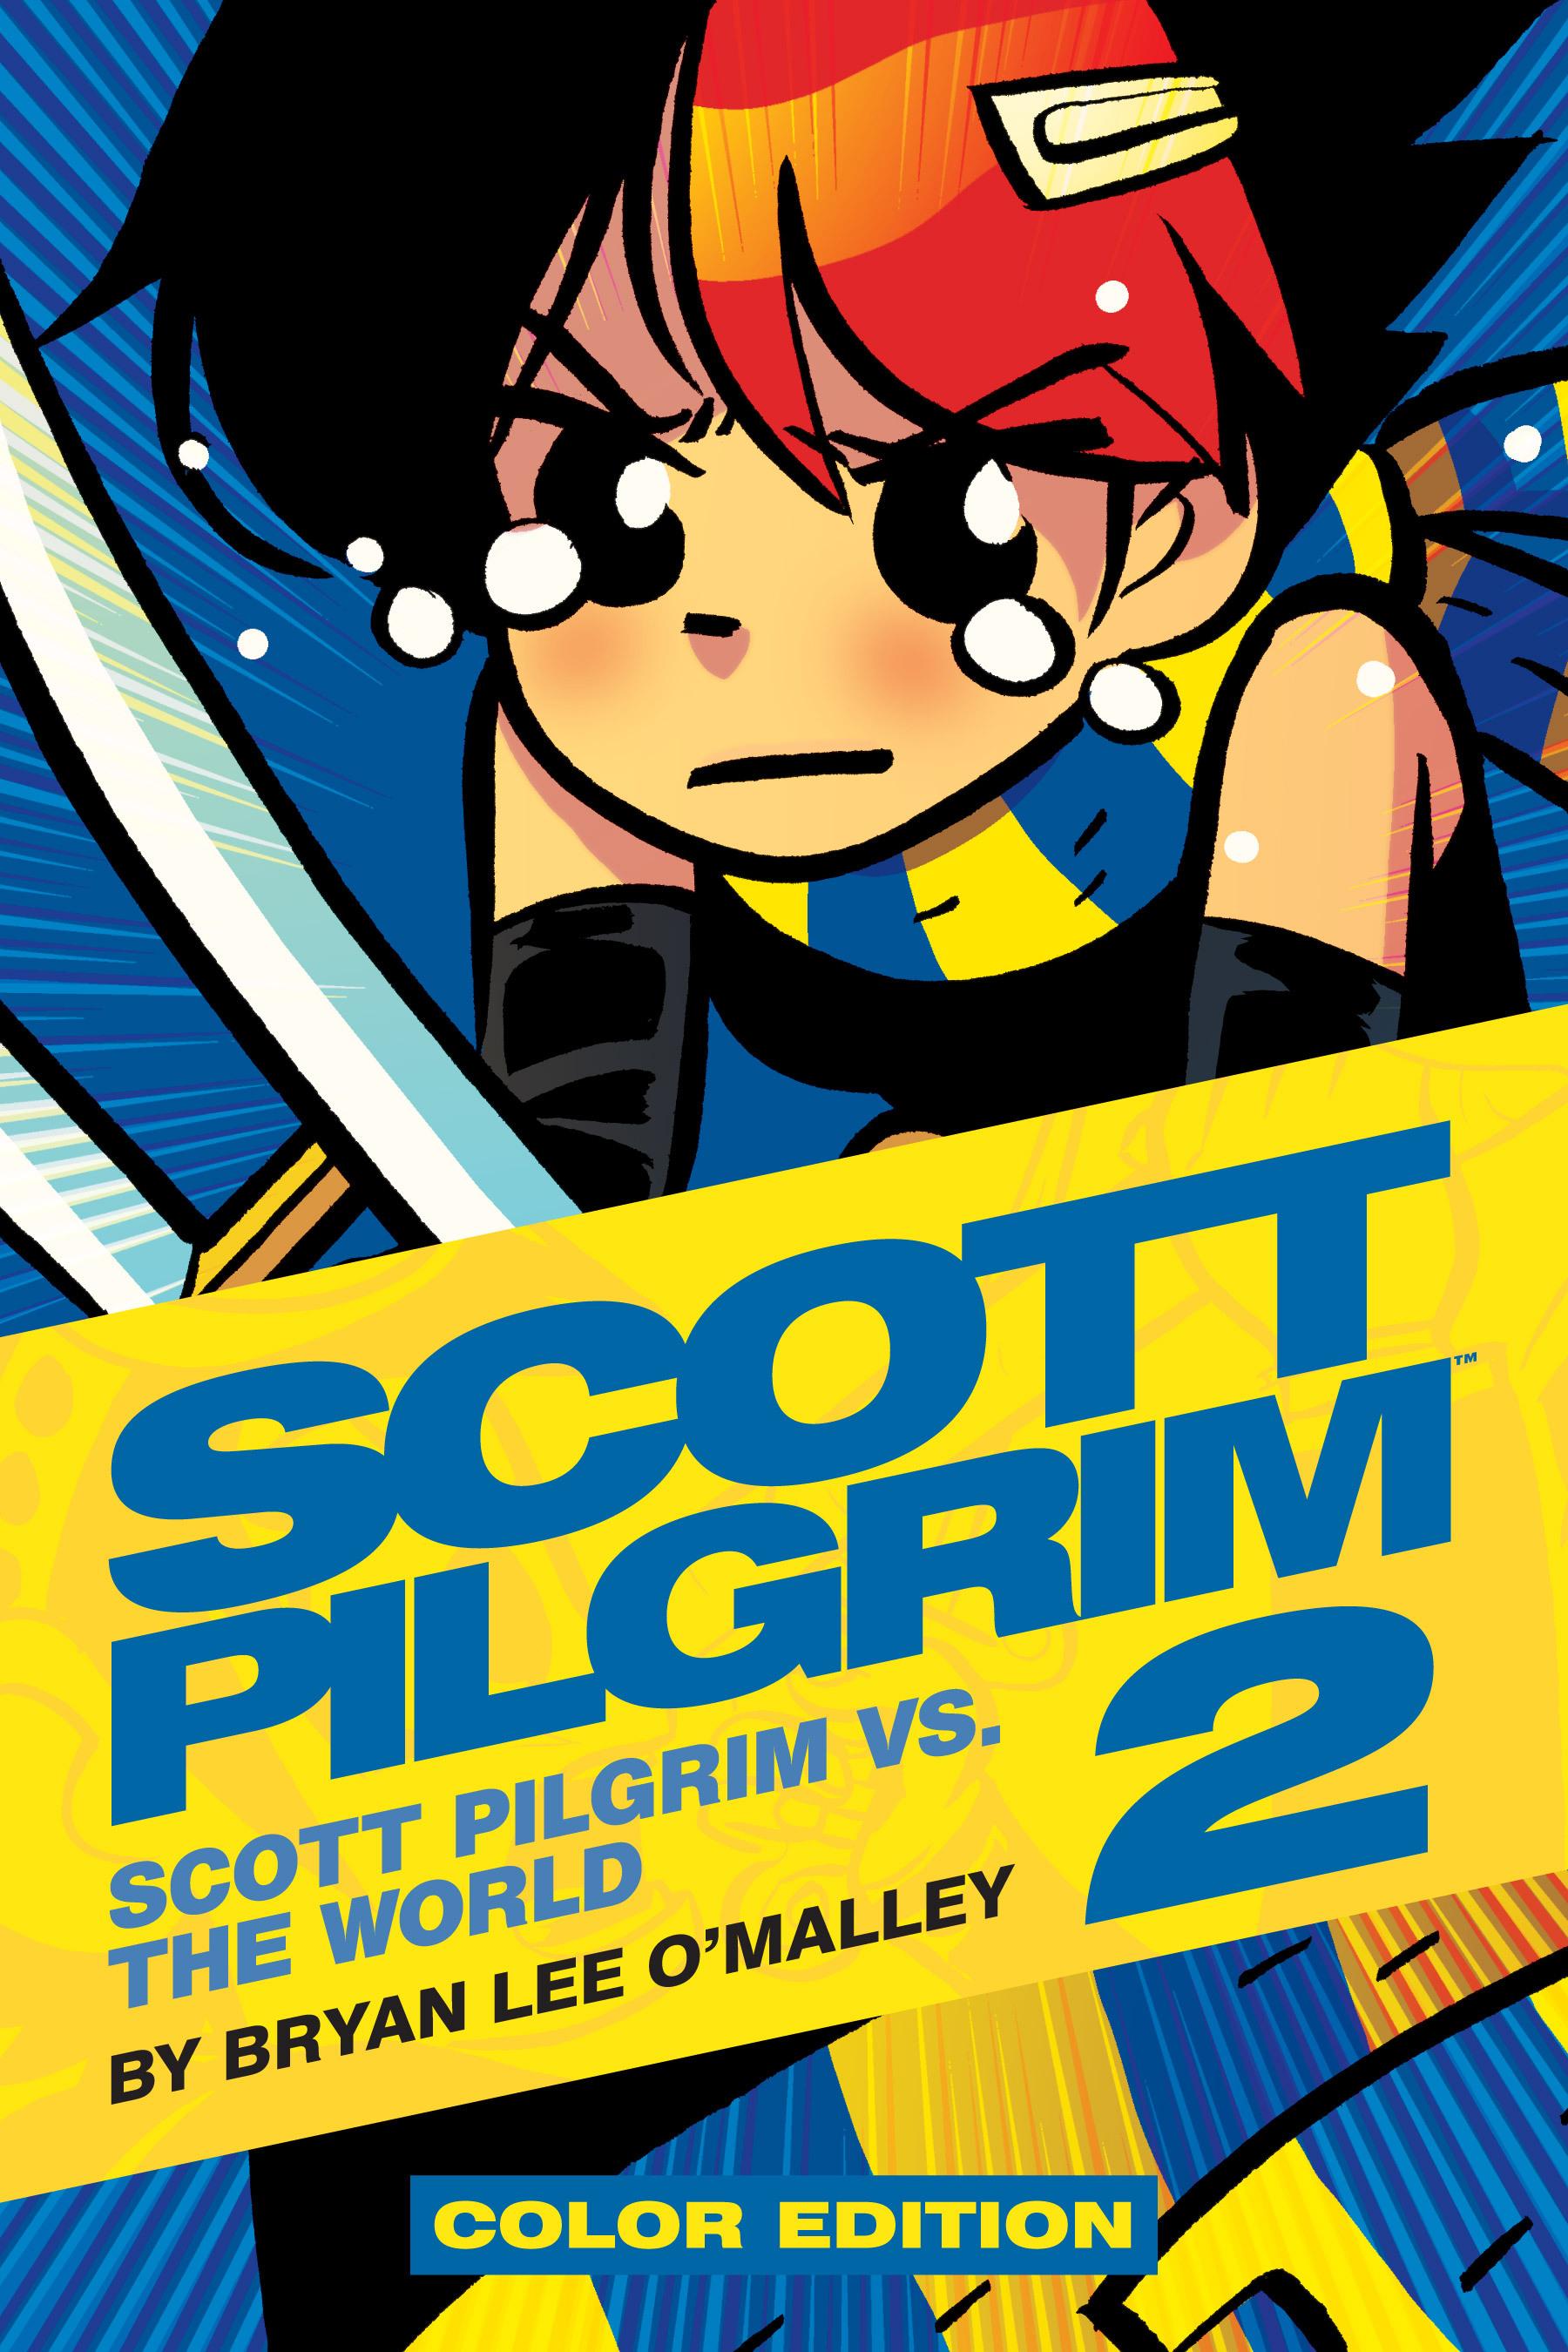 Read online Scott Pilgrim comic -  Issue #2 - 1